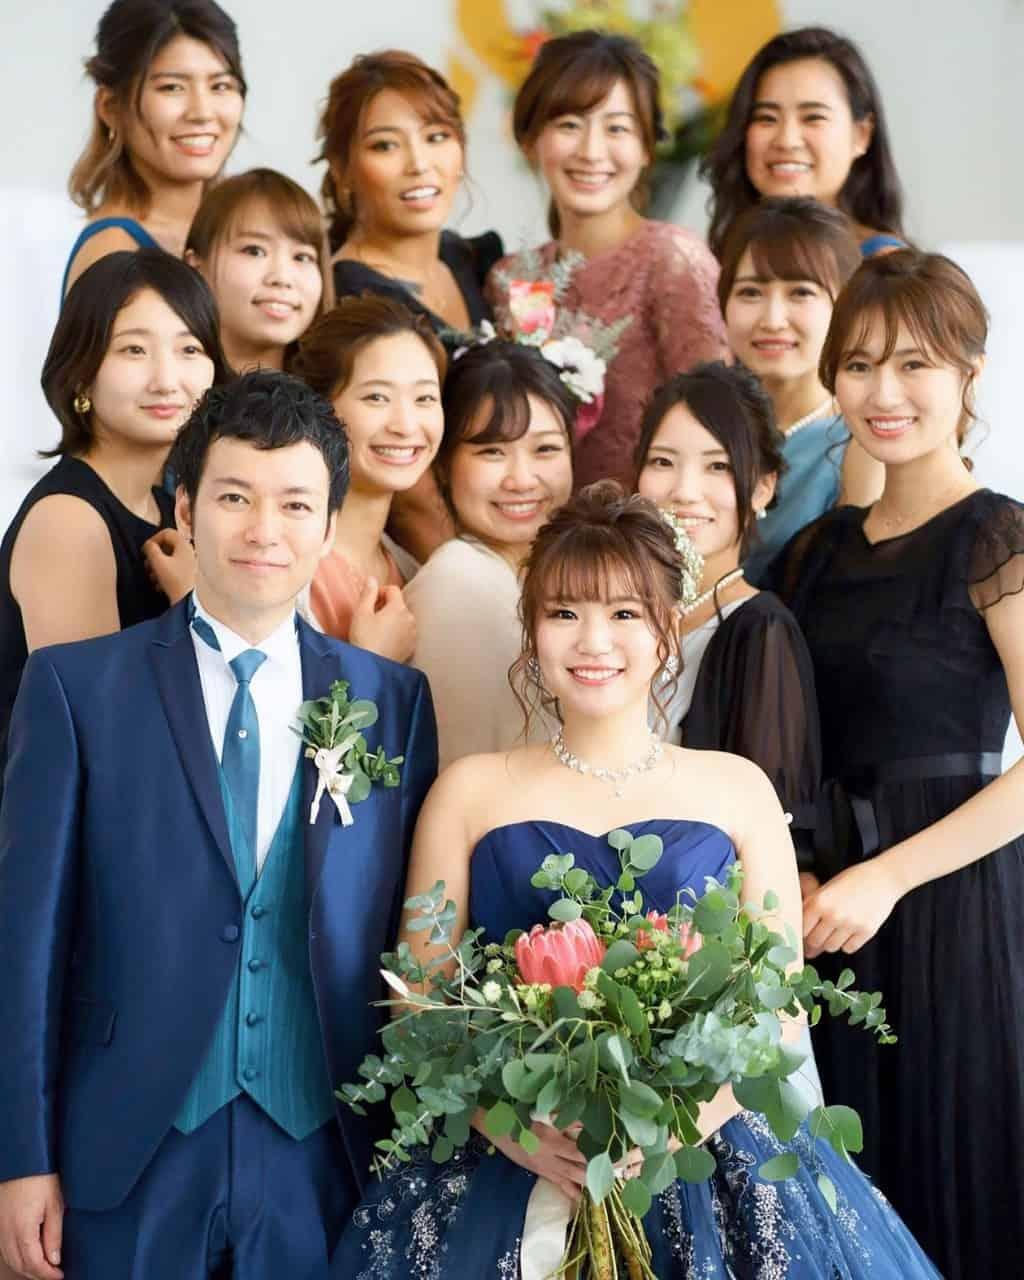 結婚式お呼ばれドレスはタイトでもOK?おすすめドレス&コーデ9選のカバー写真 1.25